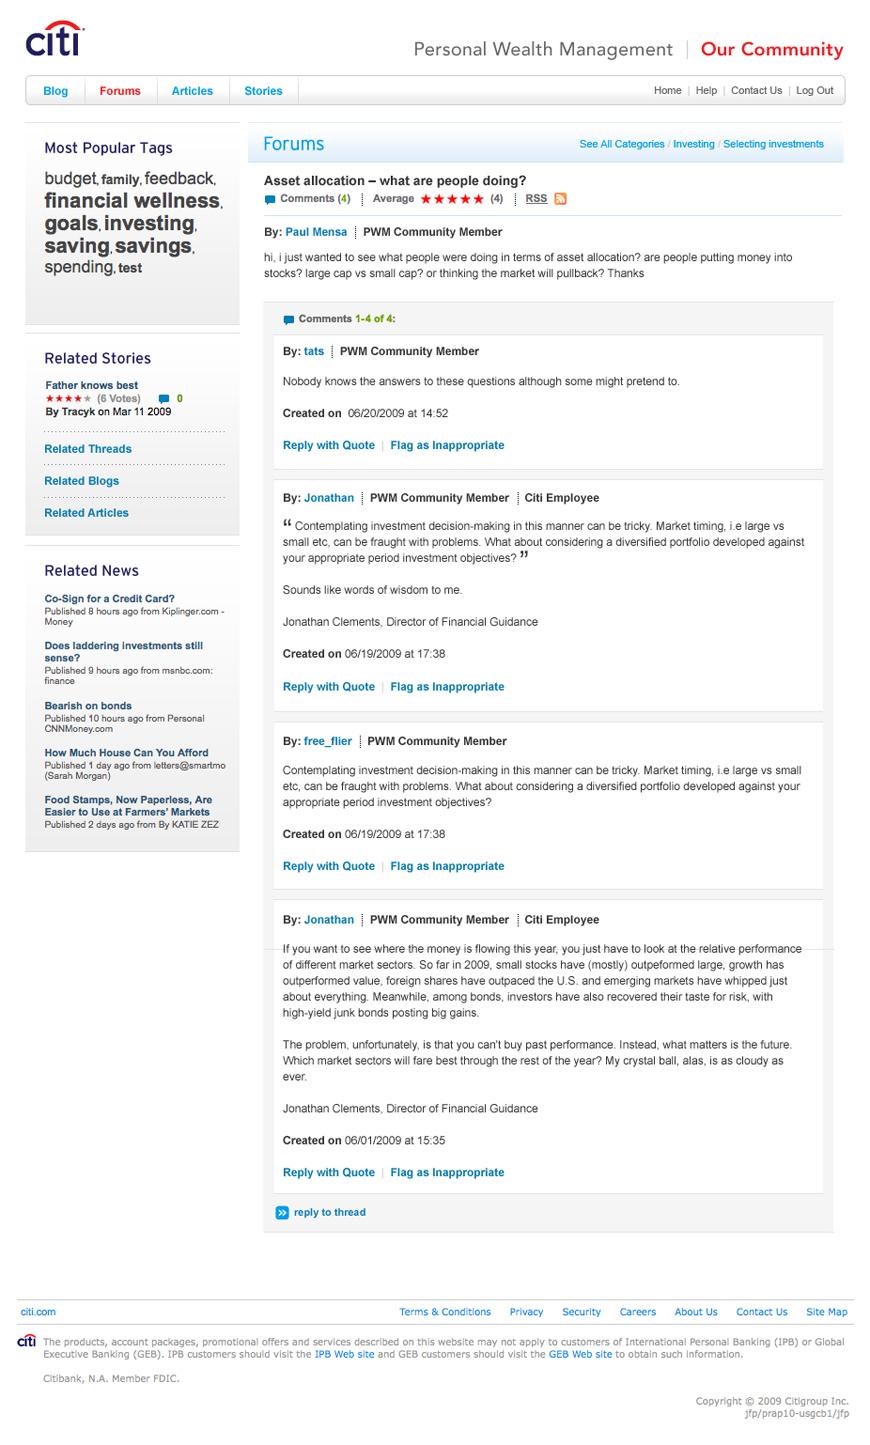 Citi_02_communityForum_v01.jpg